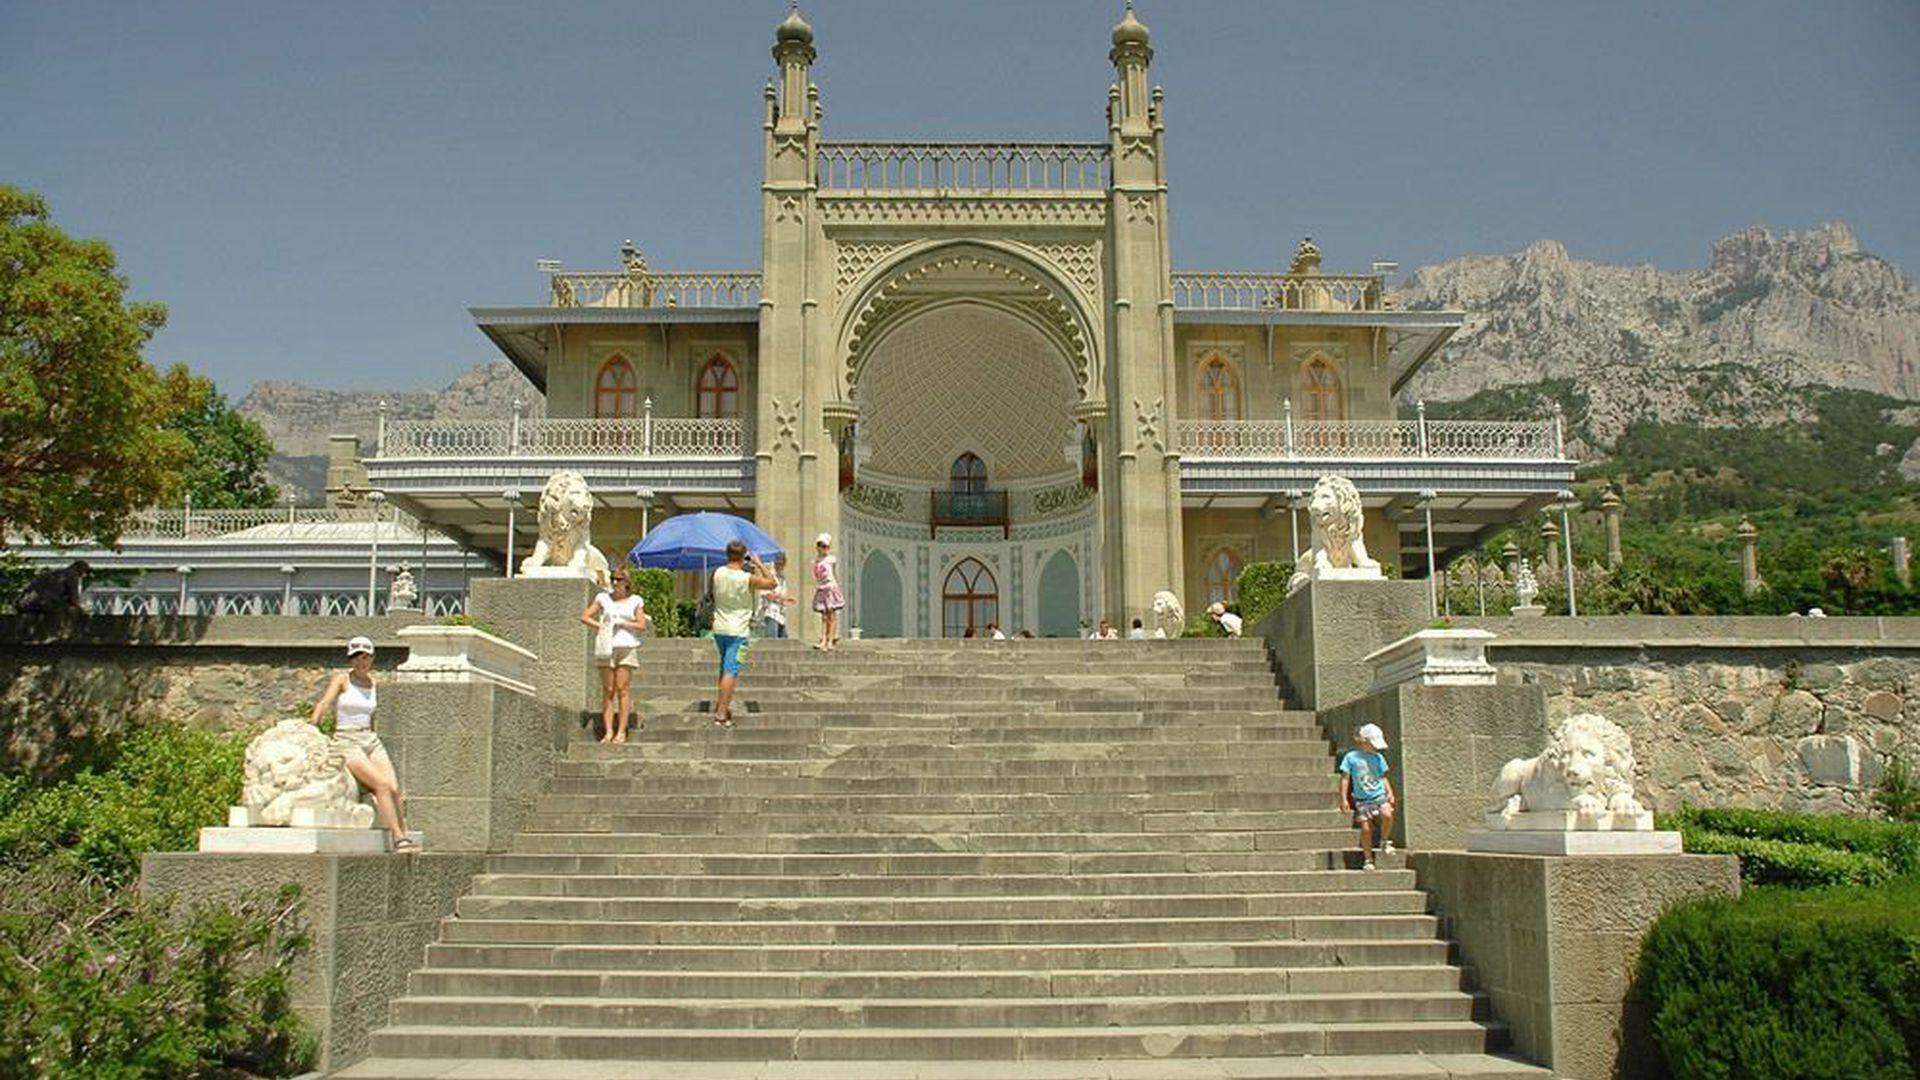 Воронцовский дворец: аудиоэкскурсия по основной экспозиции